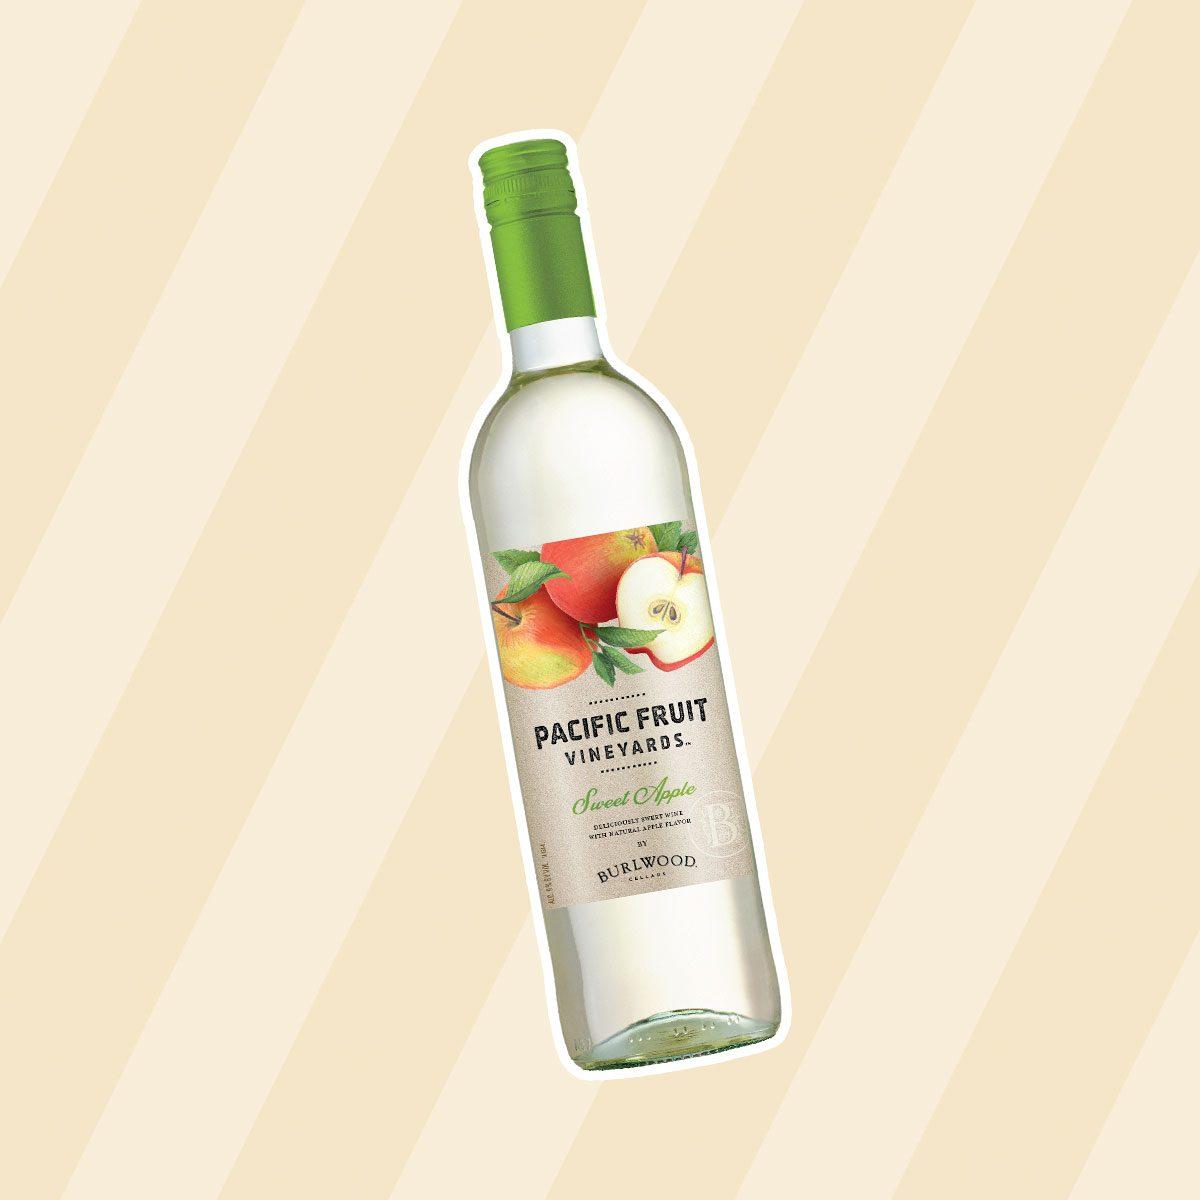 Burlwood Cellars Pacific Fruit Vineyards Sweet Apple